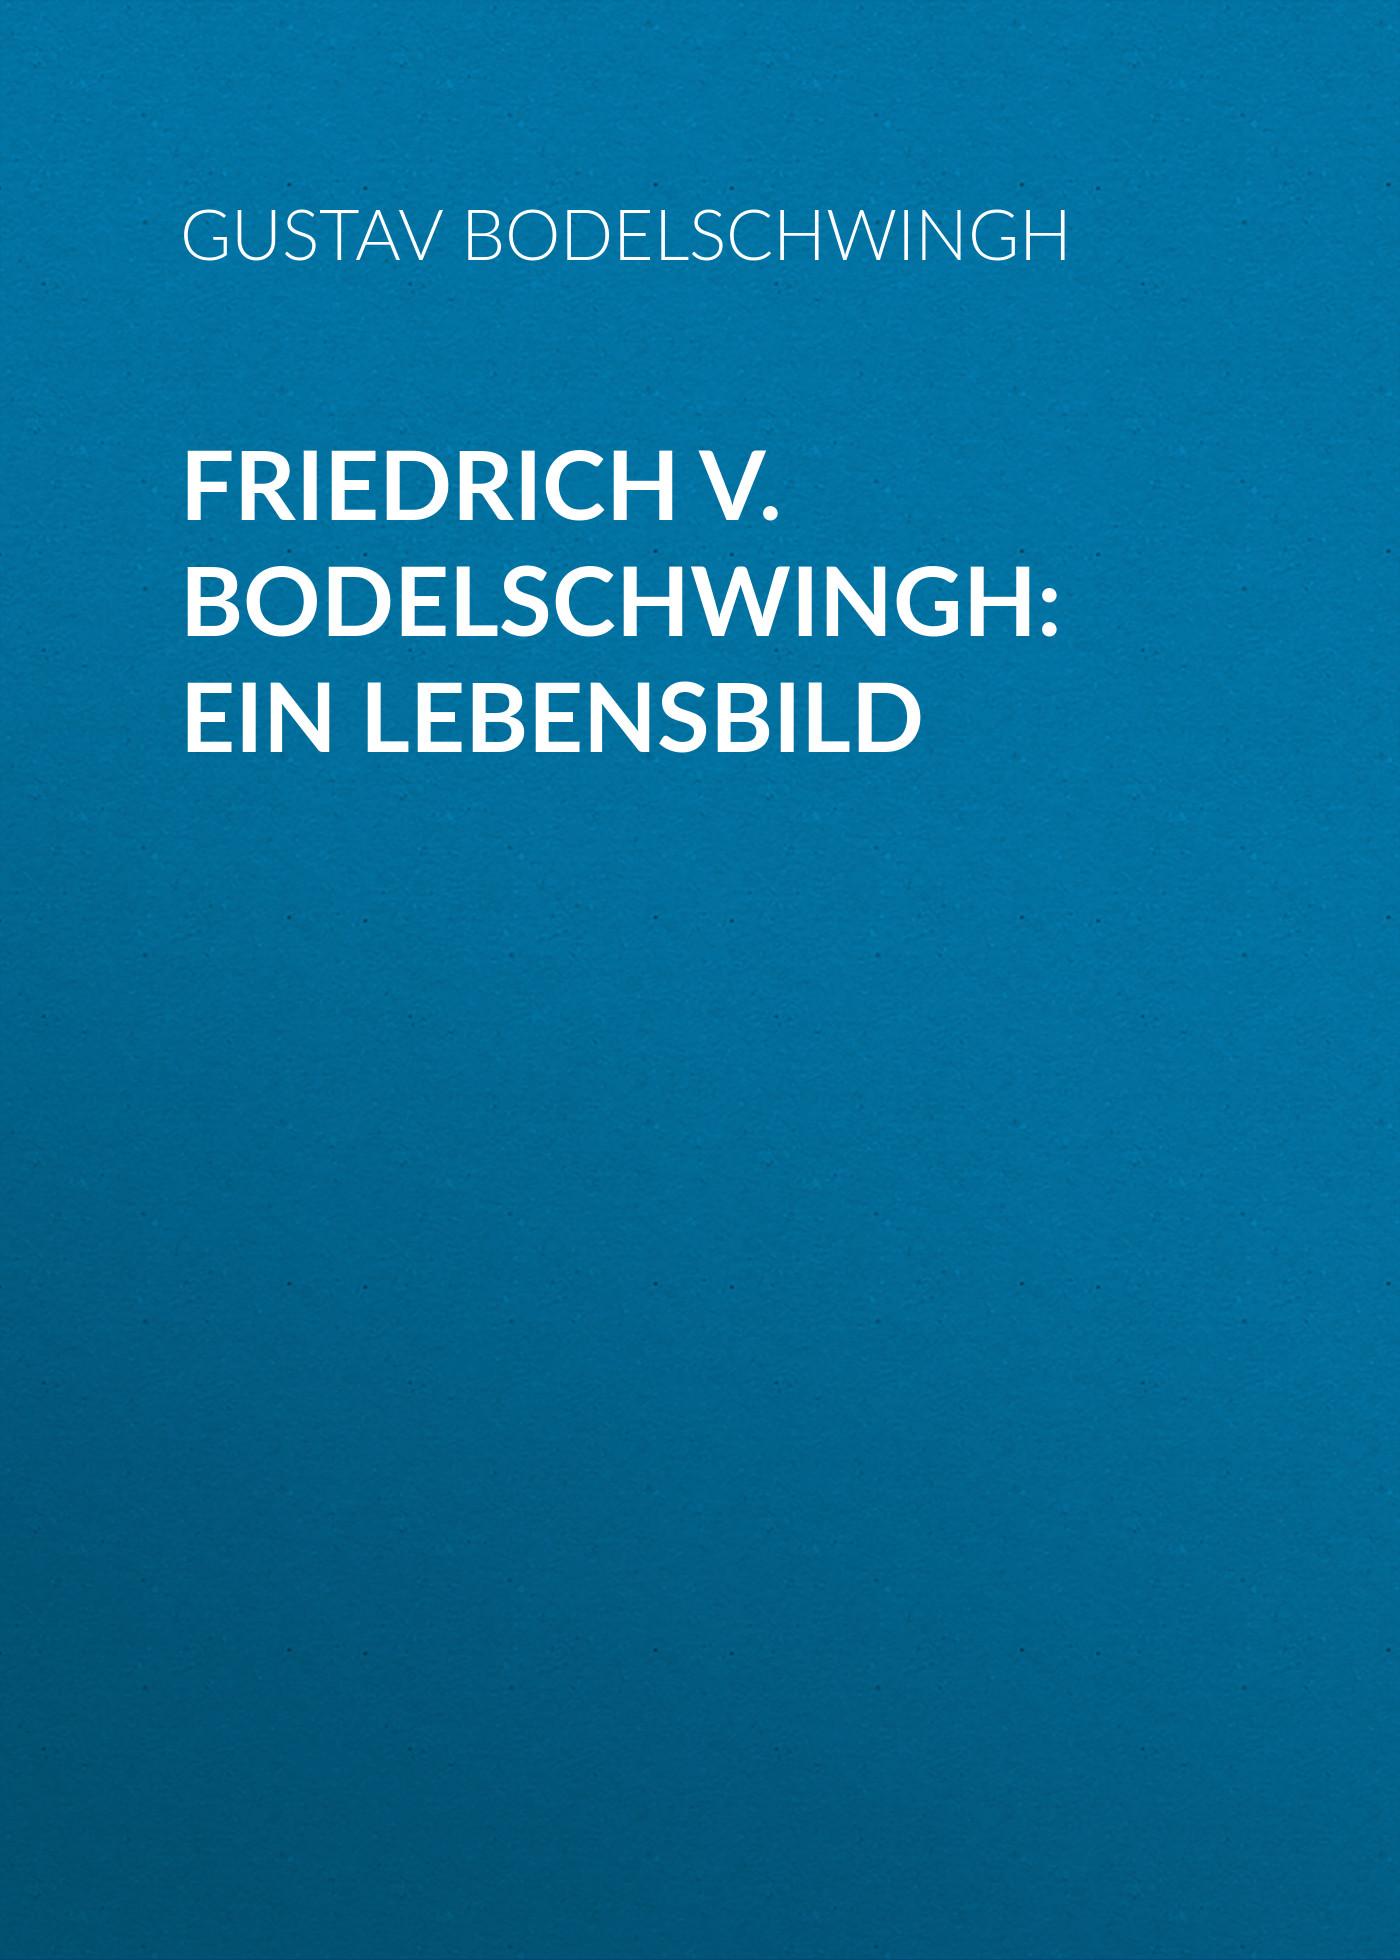 Gustav von Bodelschwingh Friedrich v. Bodelschwingh: Ein Lebensbild karl von holtei ein trauerspiel in berlin